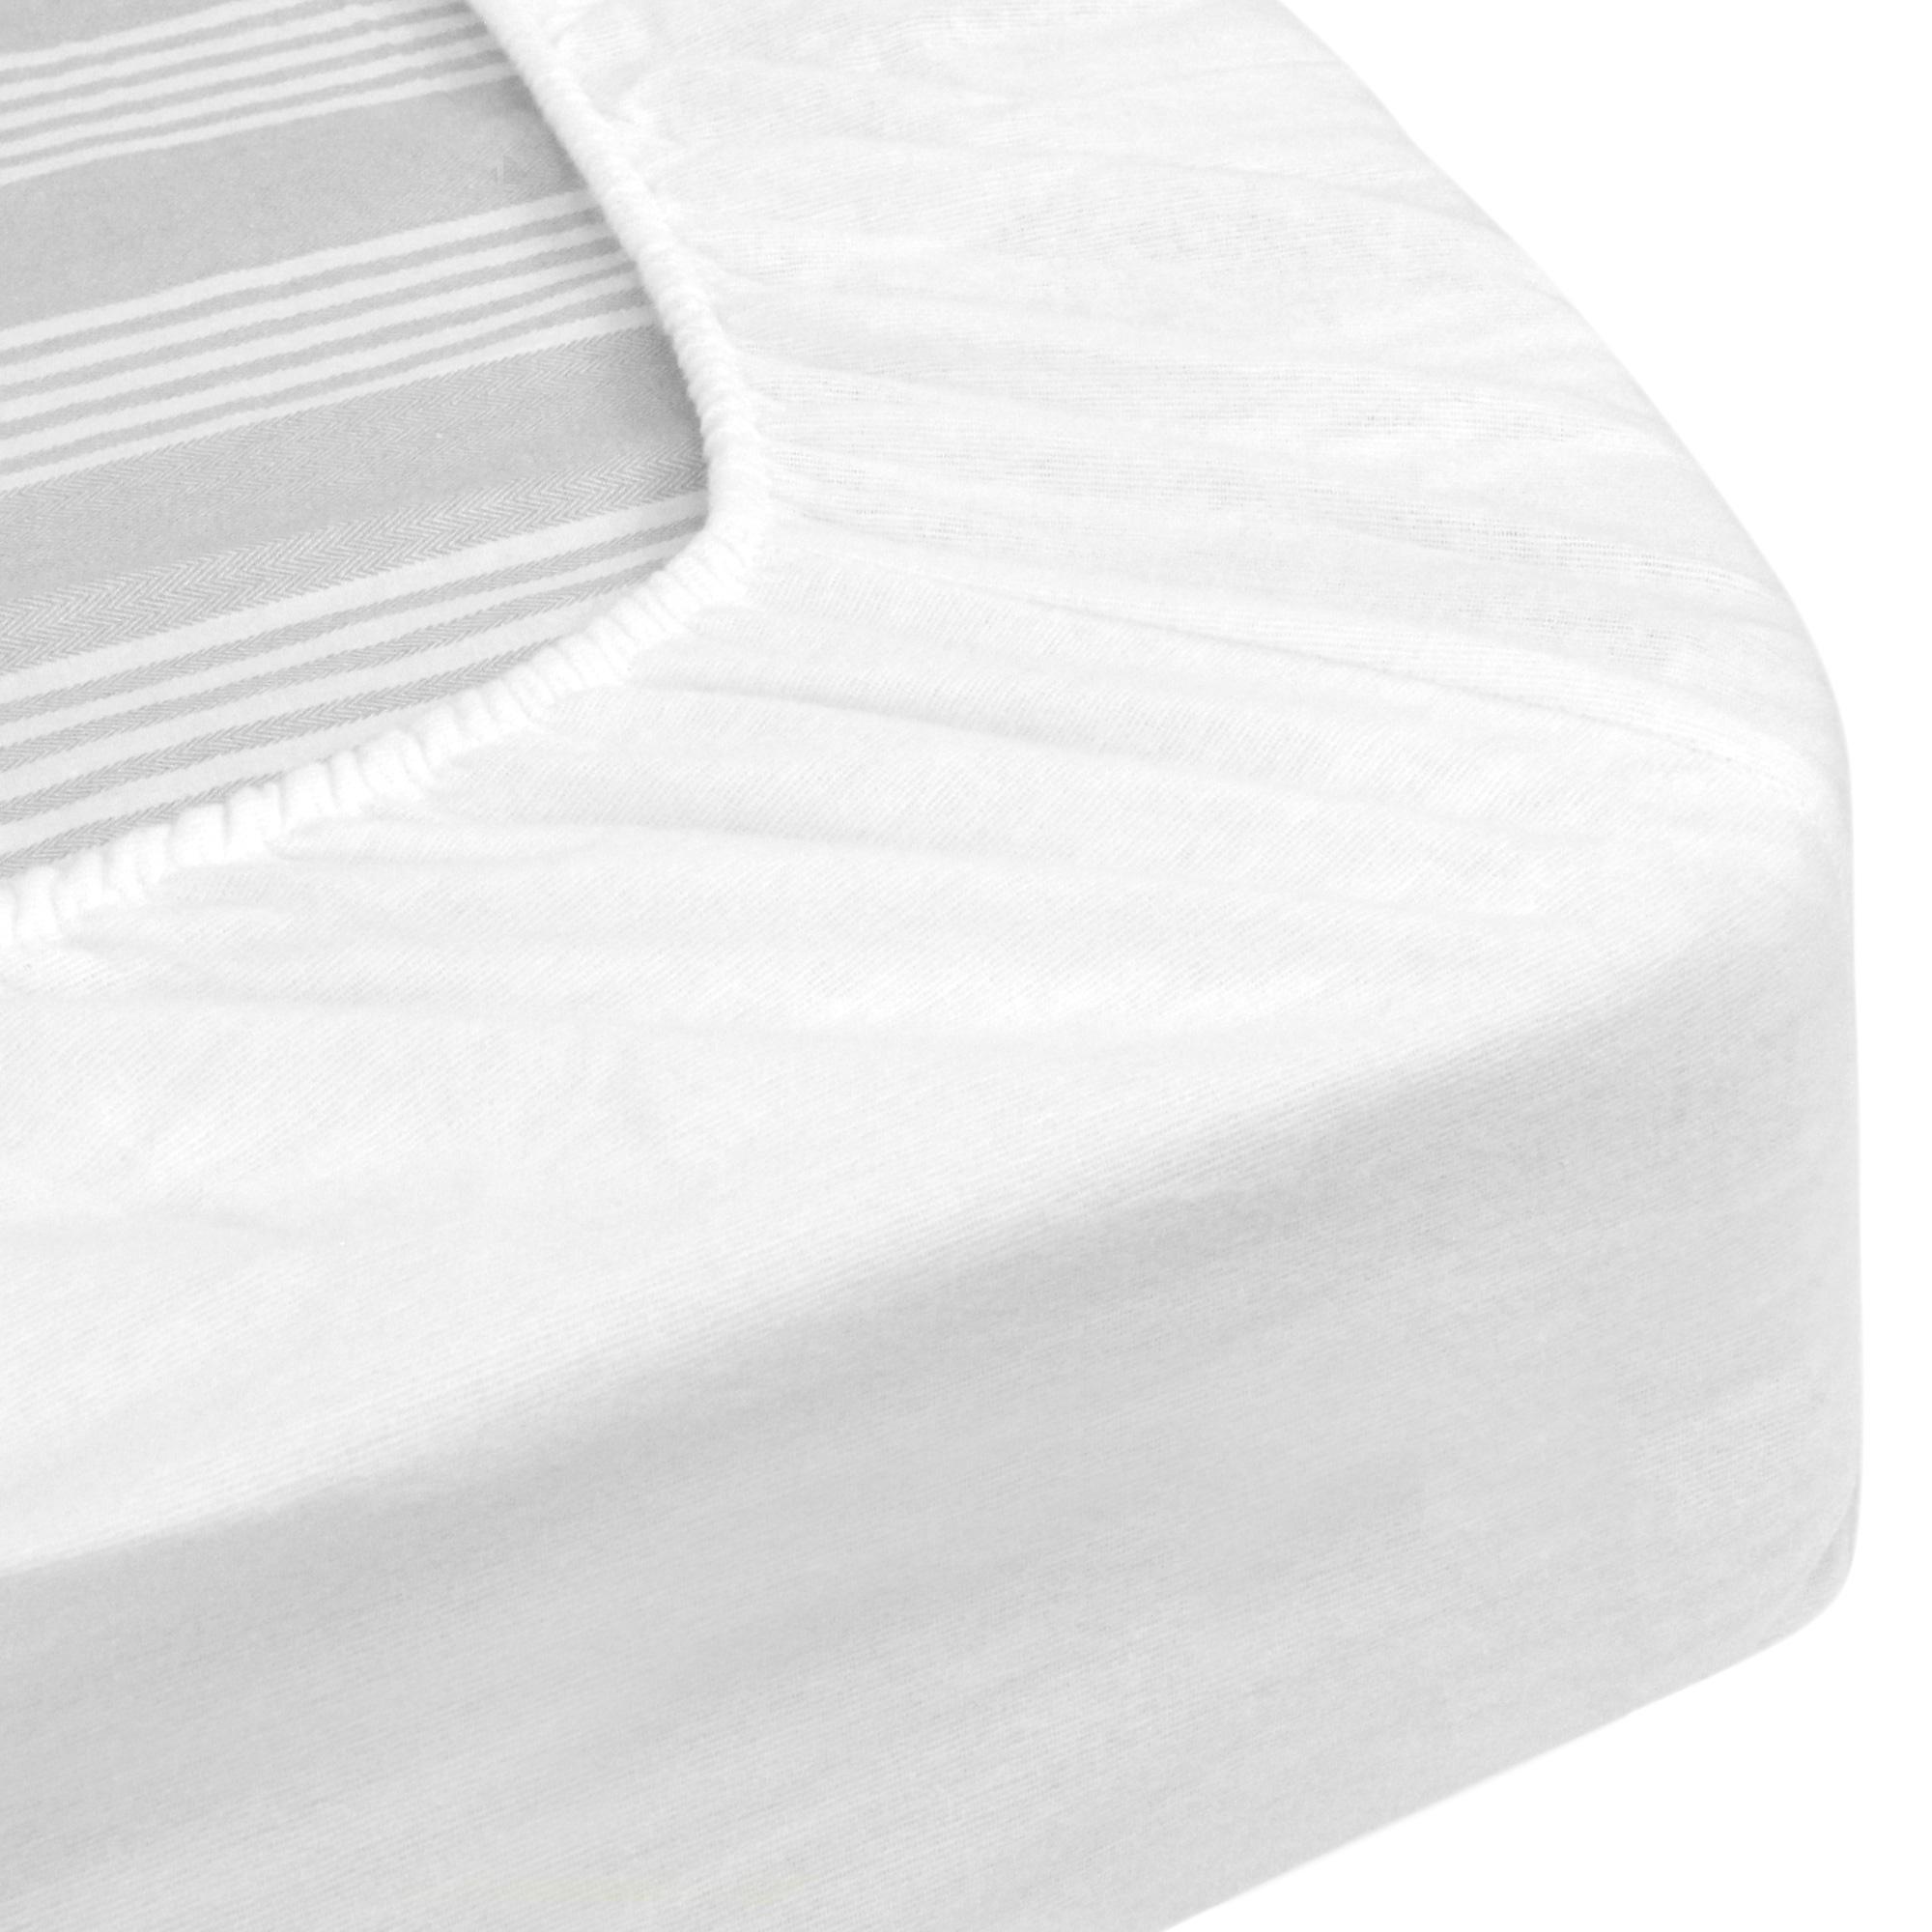 prot ge matelas imperm able 90x210 cm bonnet 30cm arnon molleton 100 coton contrecoll. Black Bedroom Furniture Sets. Home Design Ideas